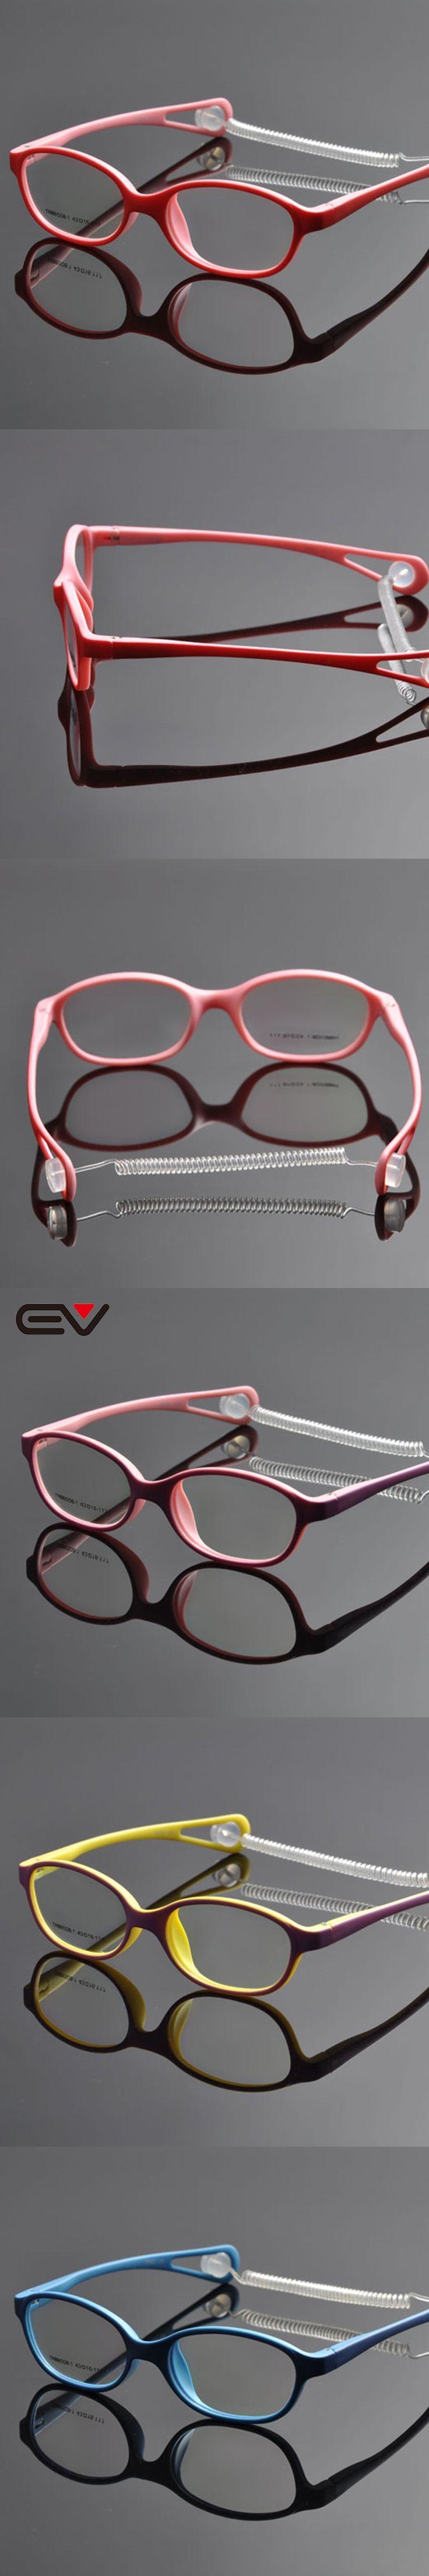 Kids clear glasses vintage spectacle frames spectacle frame sport optical eye glasses frames for kid EV1066